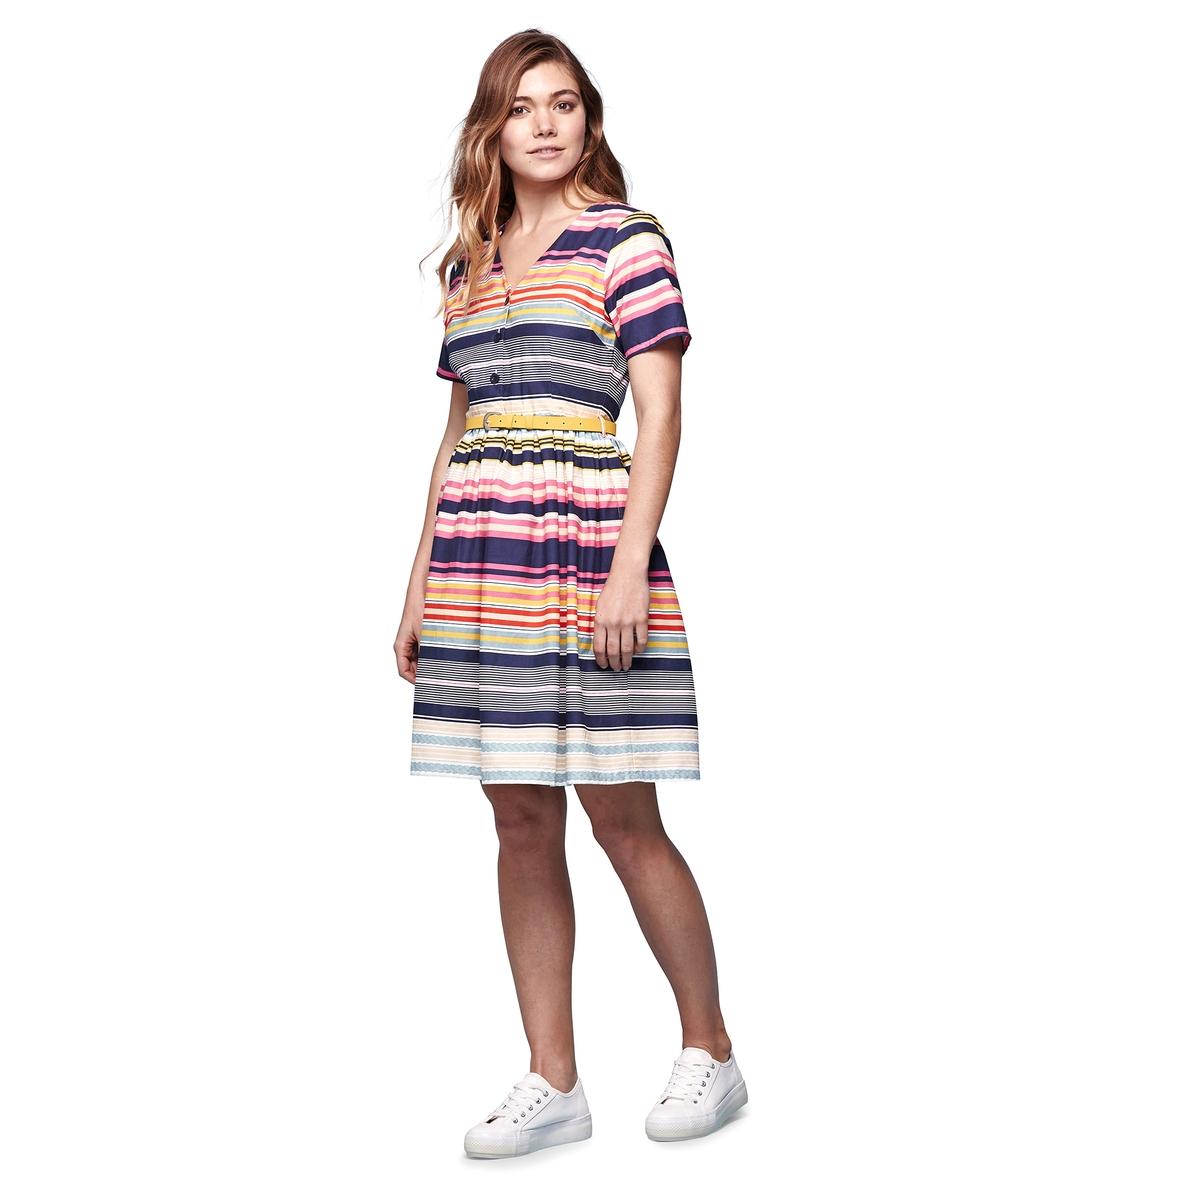 Платье расклешенное в разноцветную полоскуМатериал : 100% хлопок  Длина рукава : короткие рукава  Форма воротника : V-образный вырез Покрой платья : расклешенное платье Рисунок : в полоску   Длина платья : короткое<br><br>Цвет: разноцветный